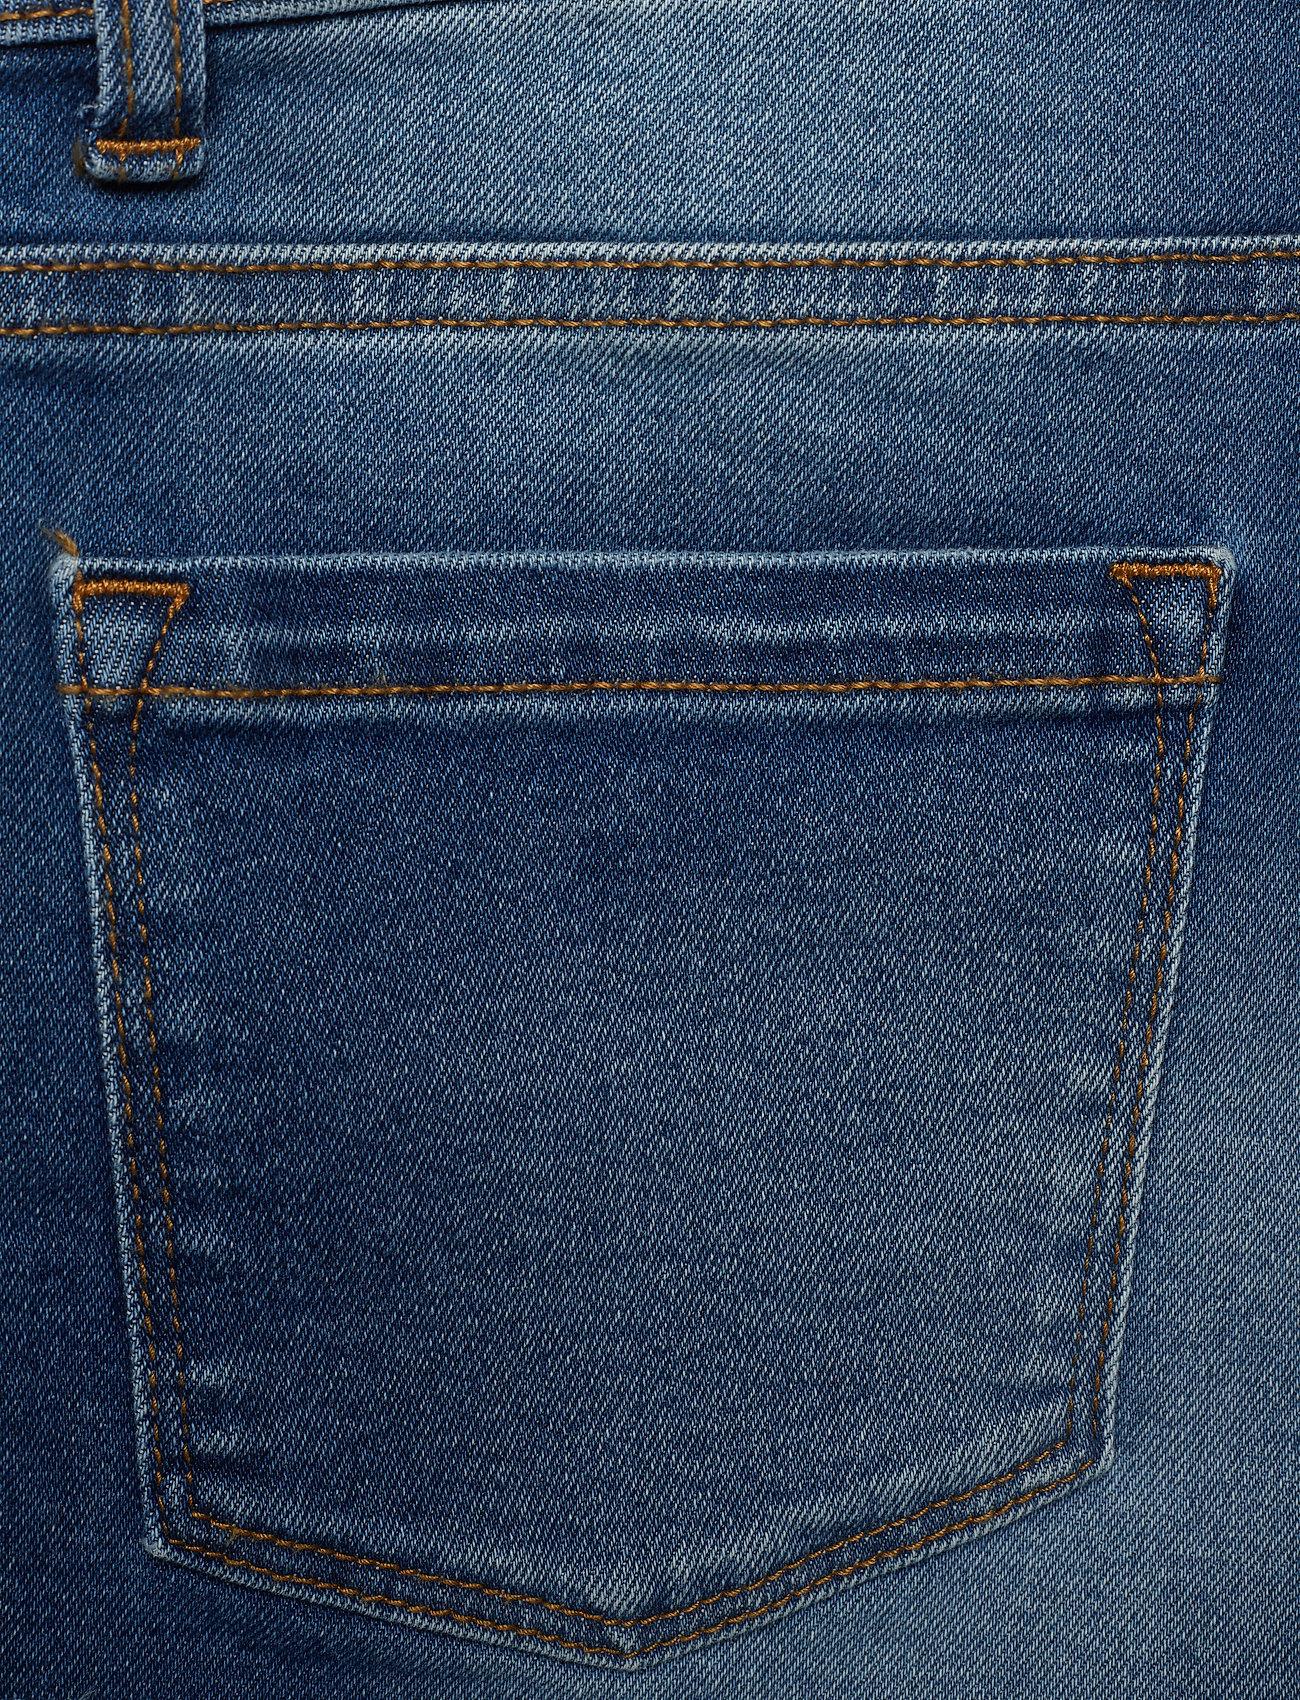 Superdry DENIM LACE HOT SHORT - Szorty POOL BLUE LACE - Kobiety Odzież.